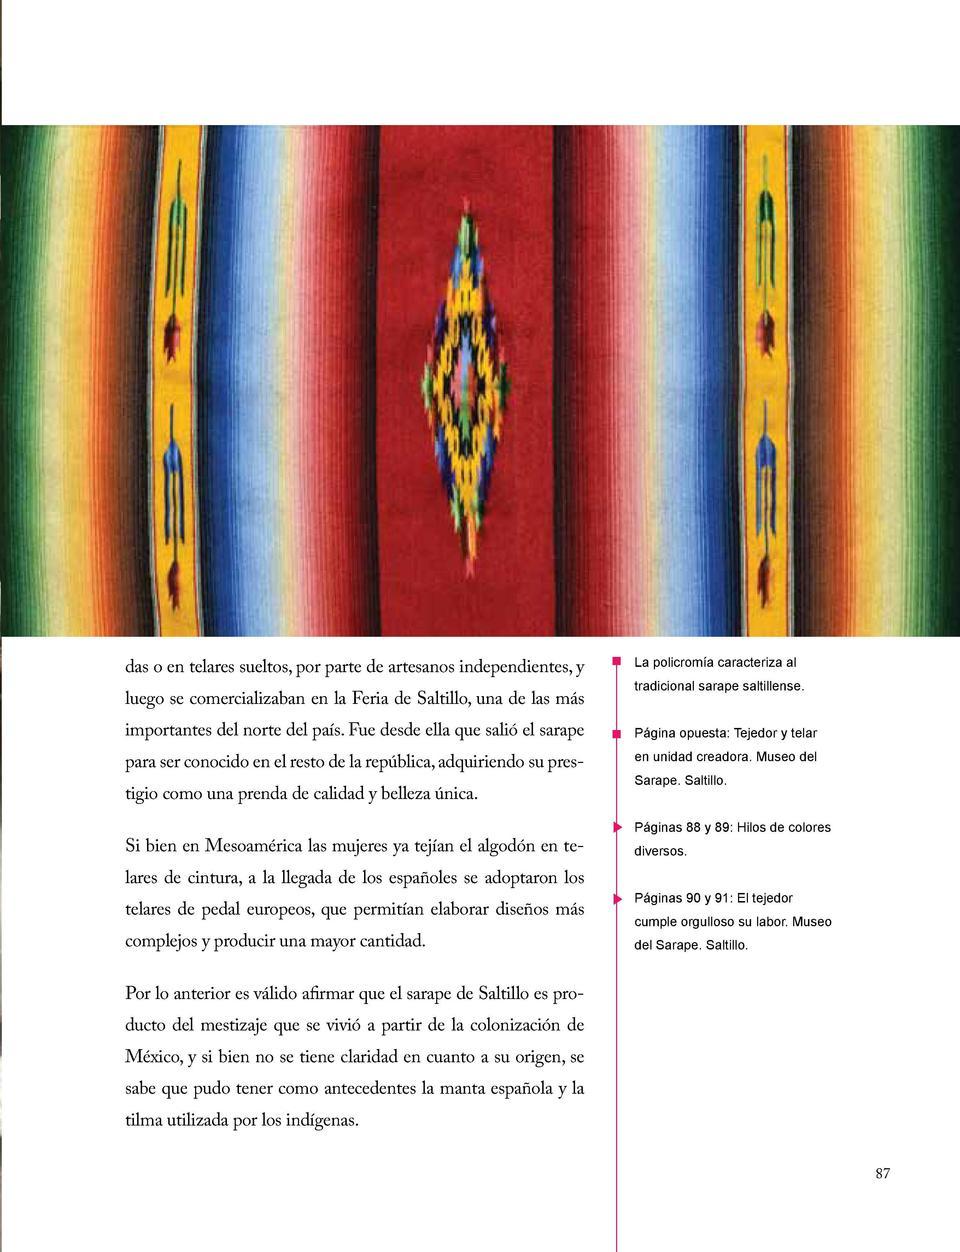 a66f4521db Culturas Populares de Coahuila   simplebooklet.com